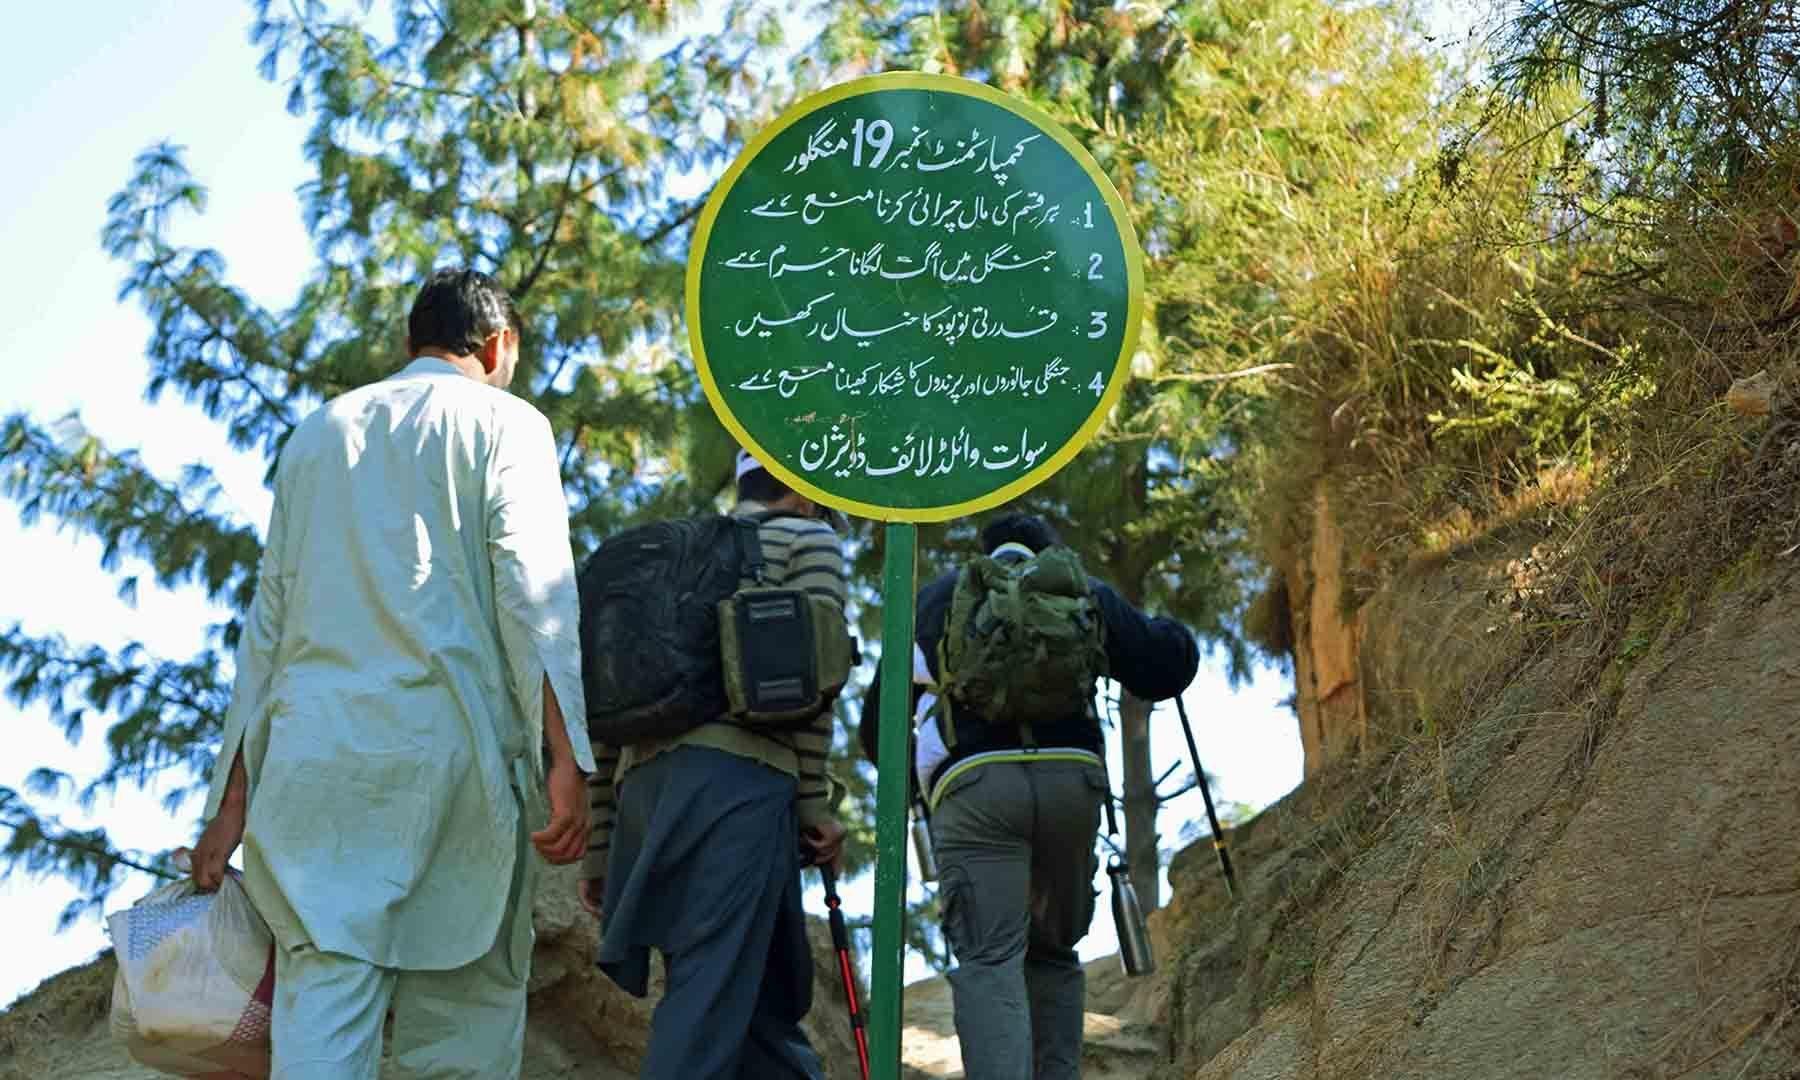 یہاں سے جھیل کے لیے پیدل راستہ شروع ہوجاتا ہے— تصویر امجد علی سحاب